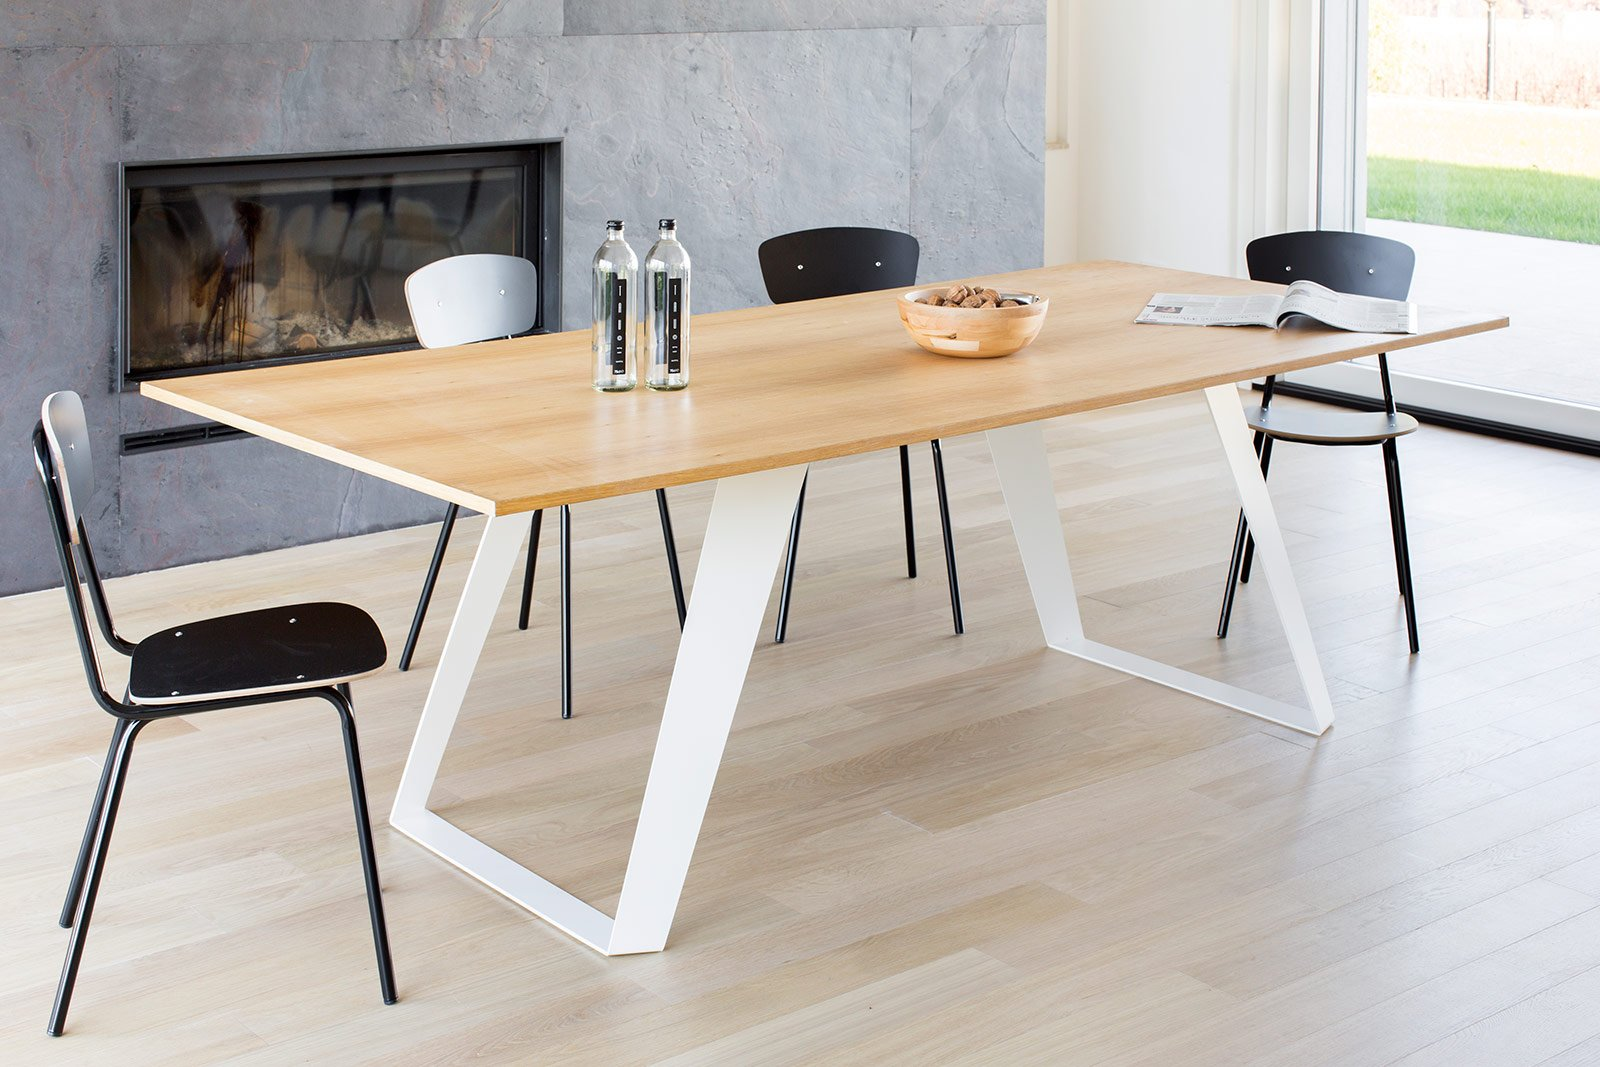 Tavoli in legno le novit cose di casa - Gambe per tavolo ikea ...